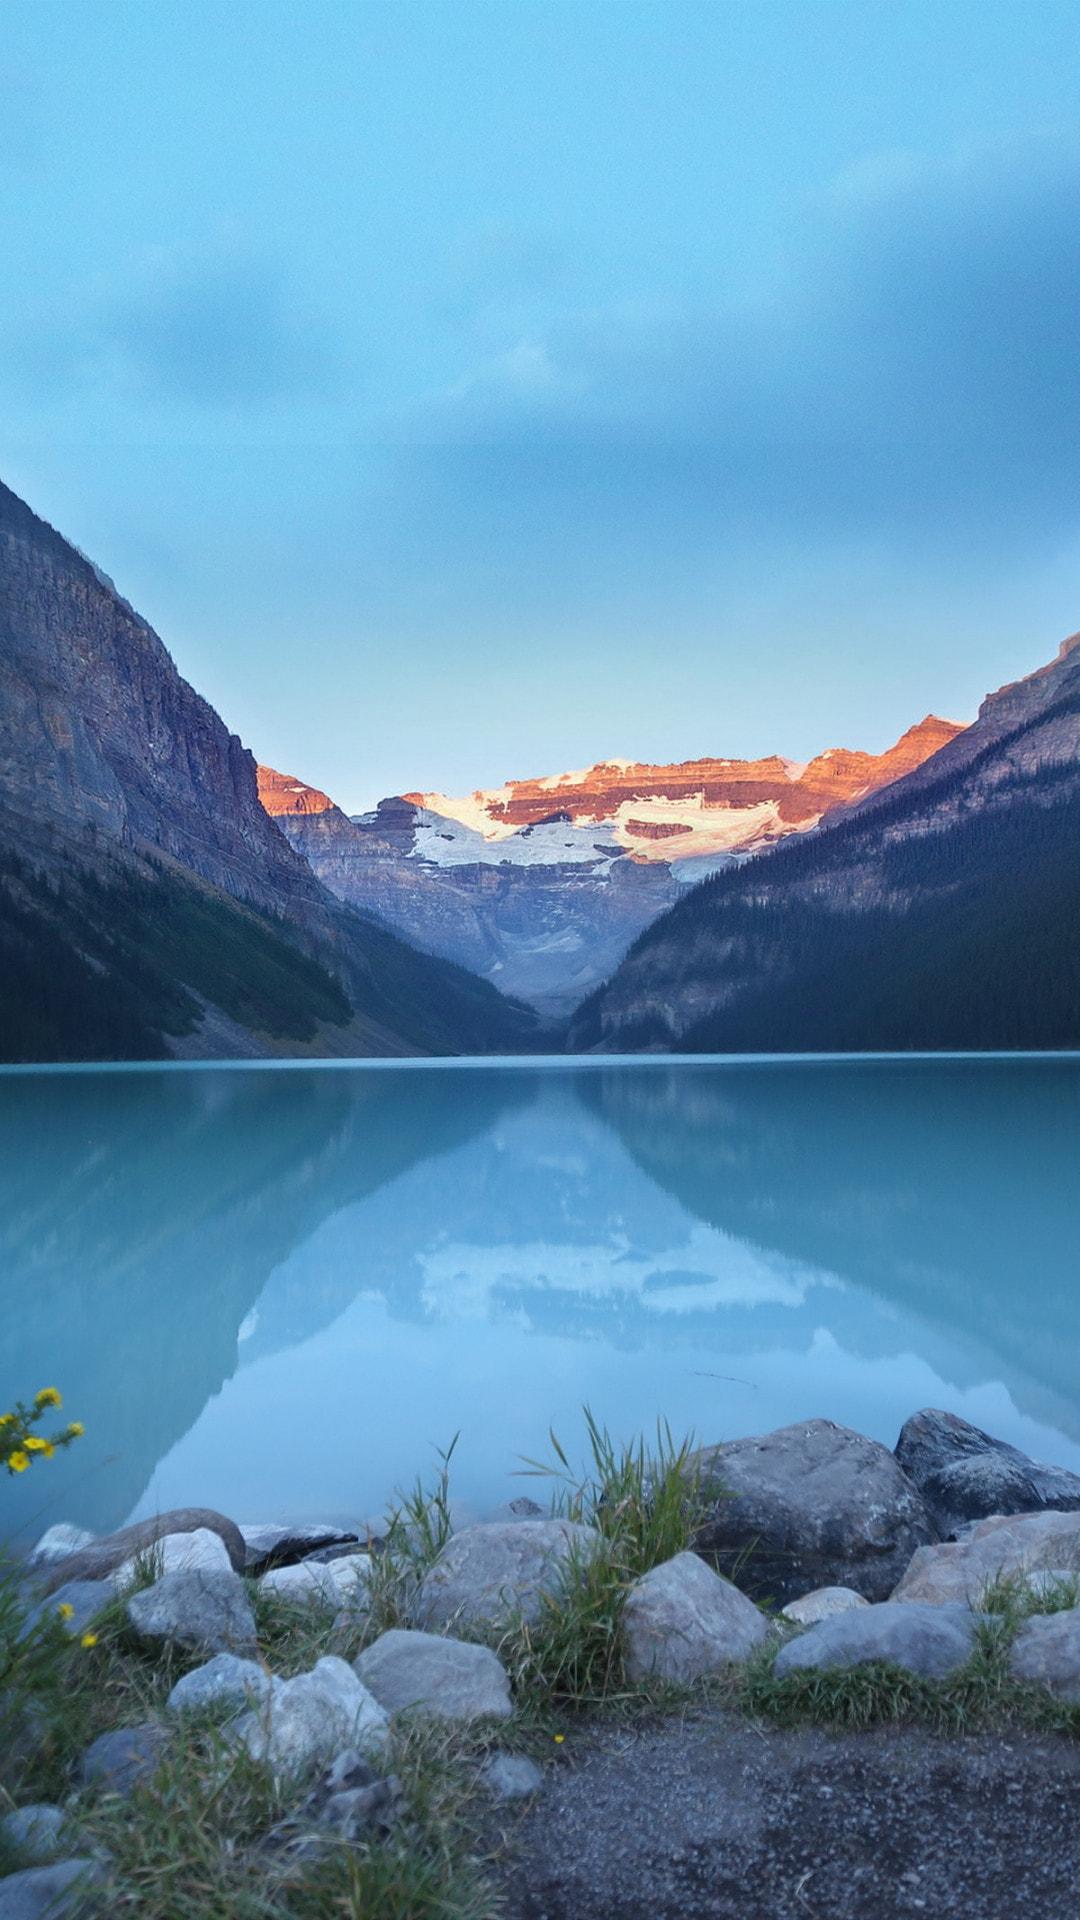 Lake | iPhone Wallpaper